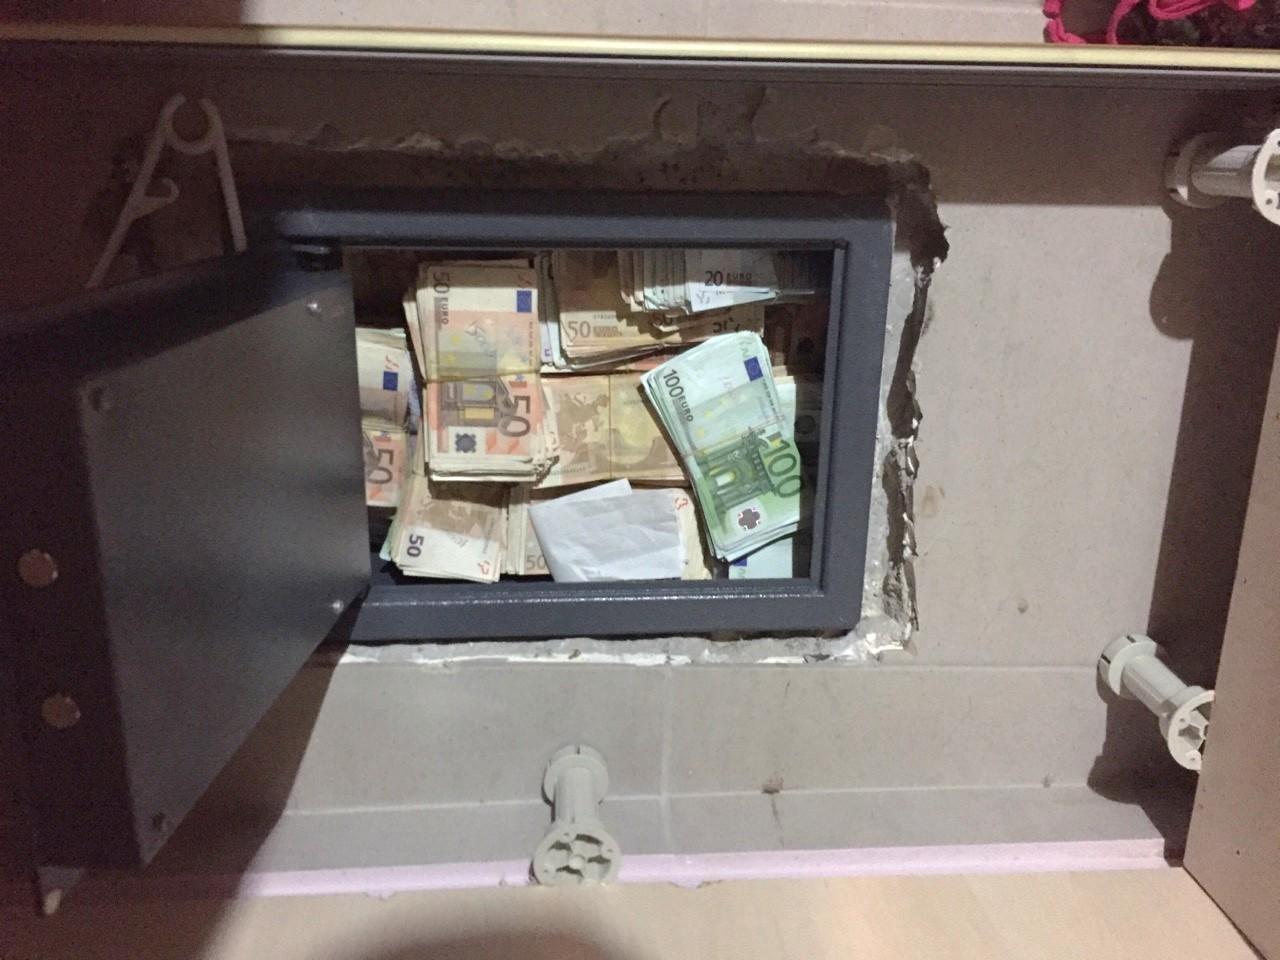 Αχαϊα: Συλλήψεις για την κλοπή χρηματοκιβωτίου από τα ΕΛΤΑ Διακοπτού! Στο φως όλη η αλήθεια